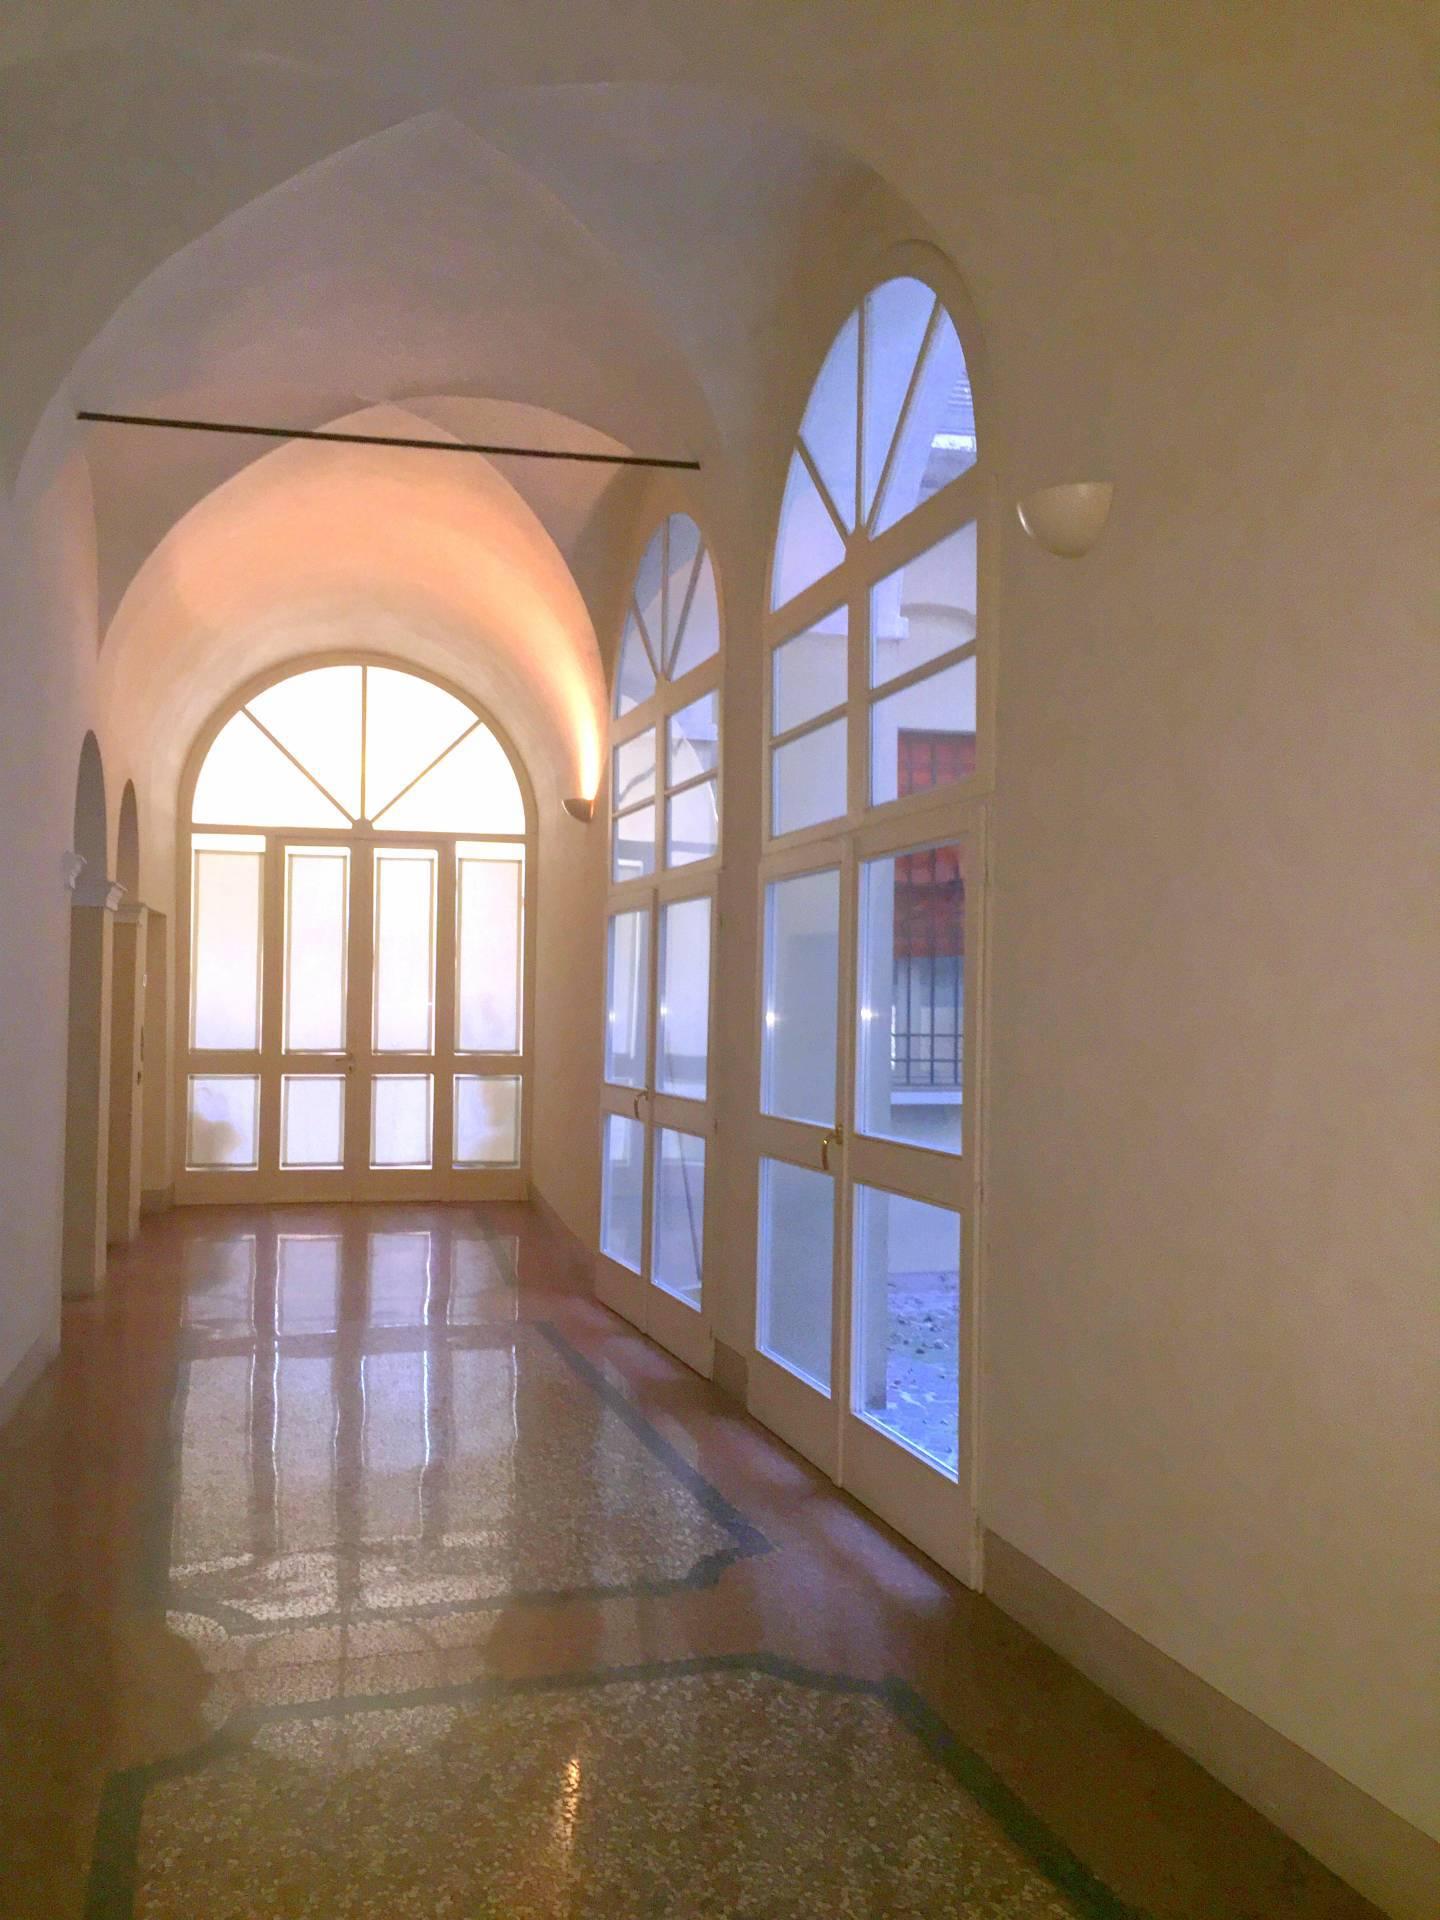 Vendita Ufficio diviso in ambienti/locali Ufficio Mantova 252798